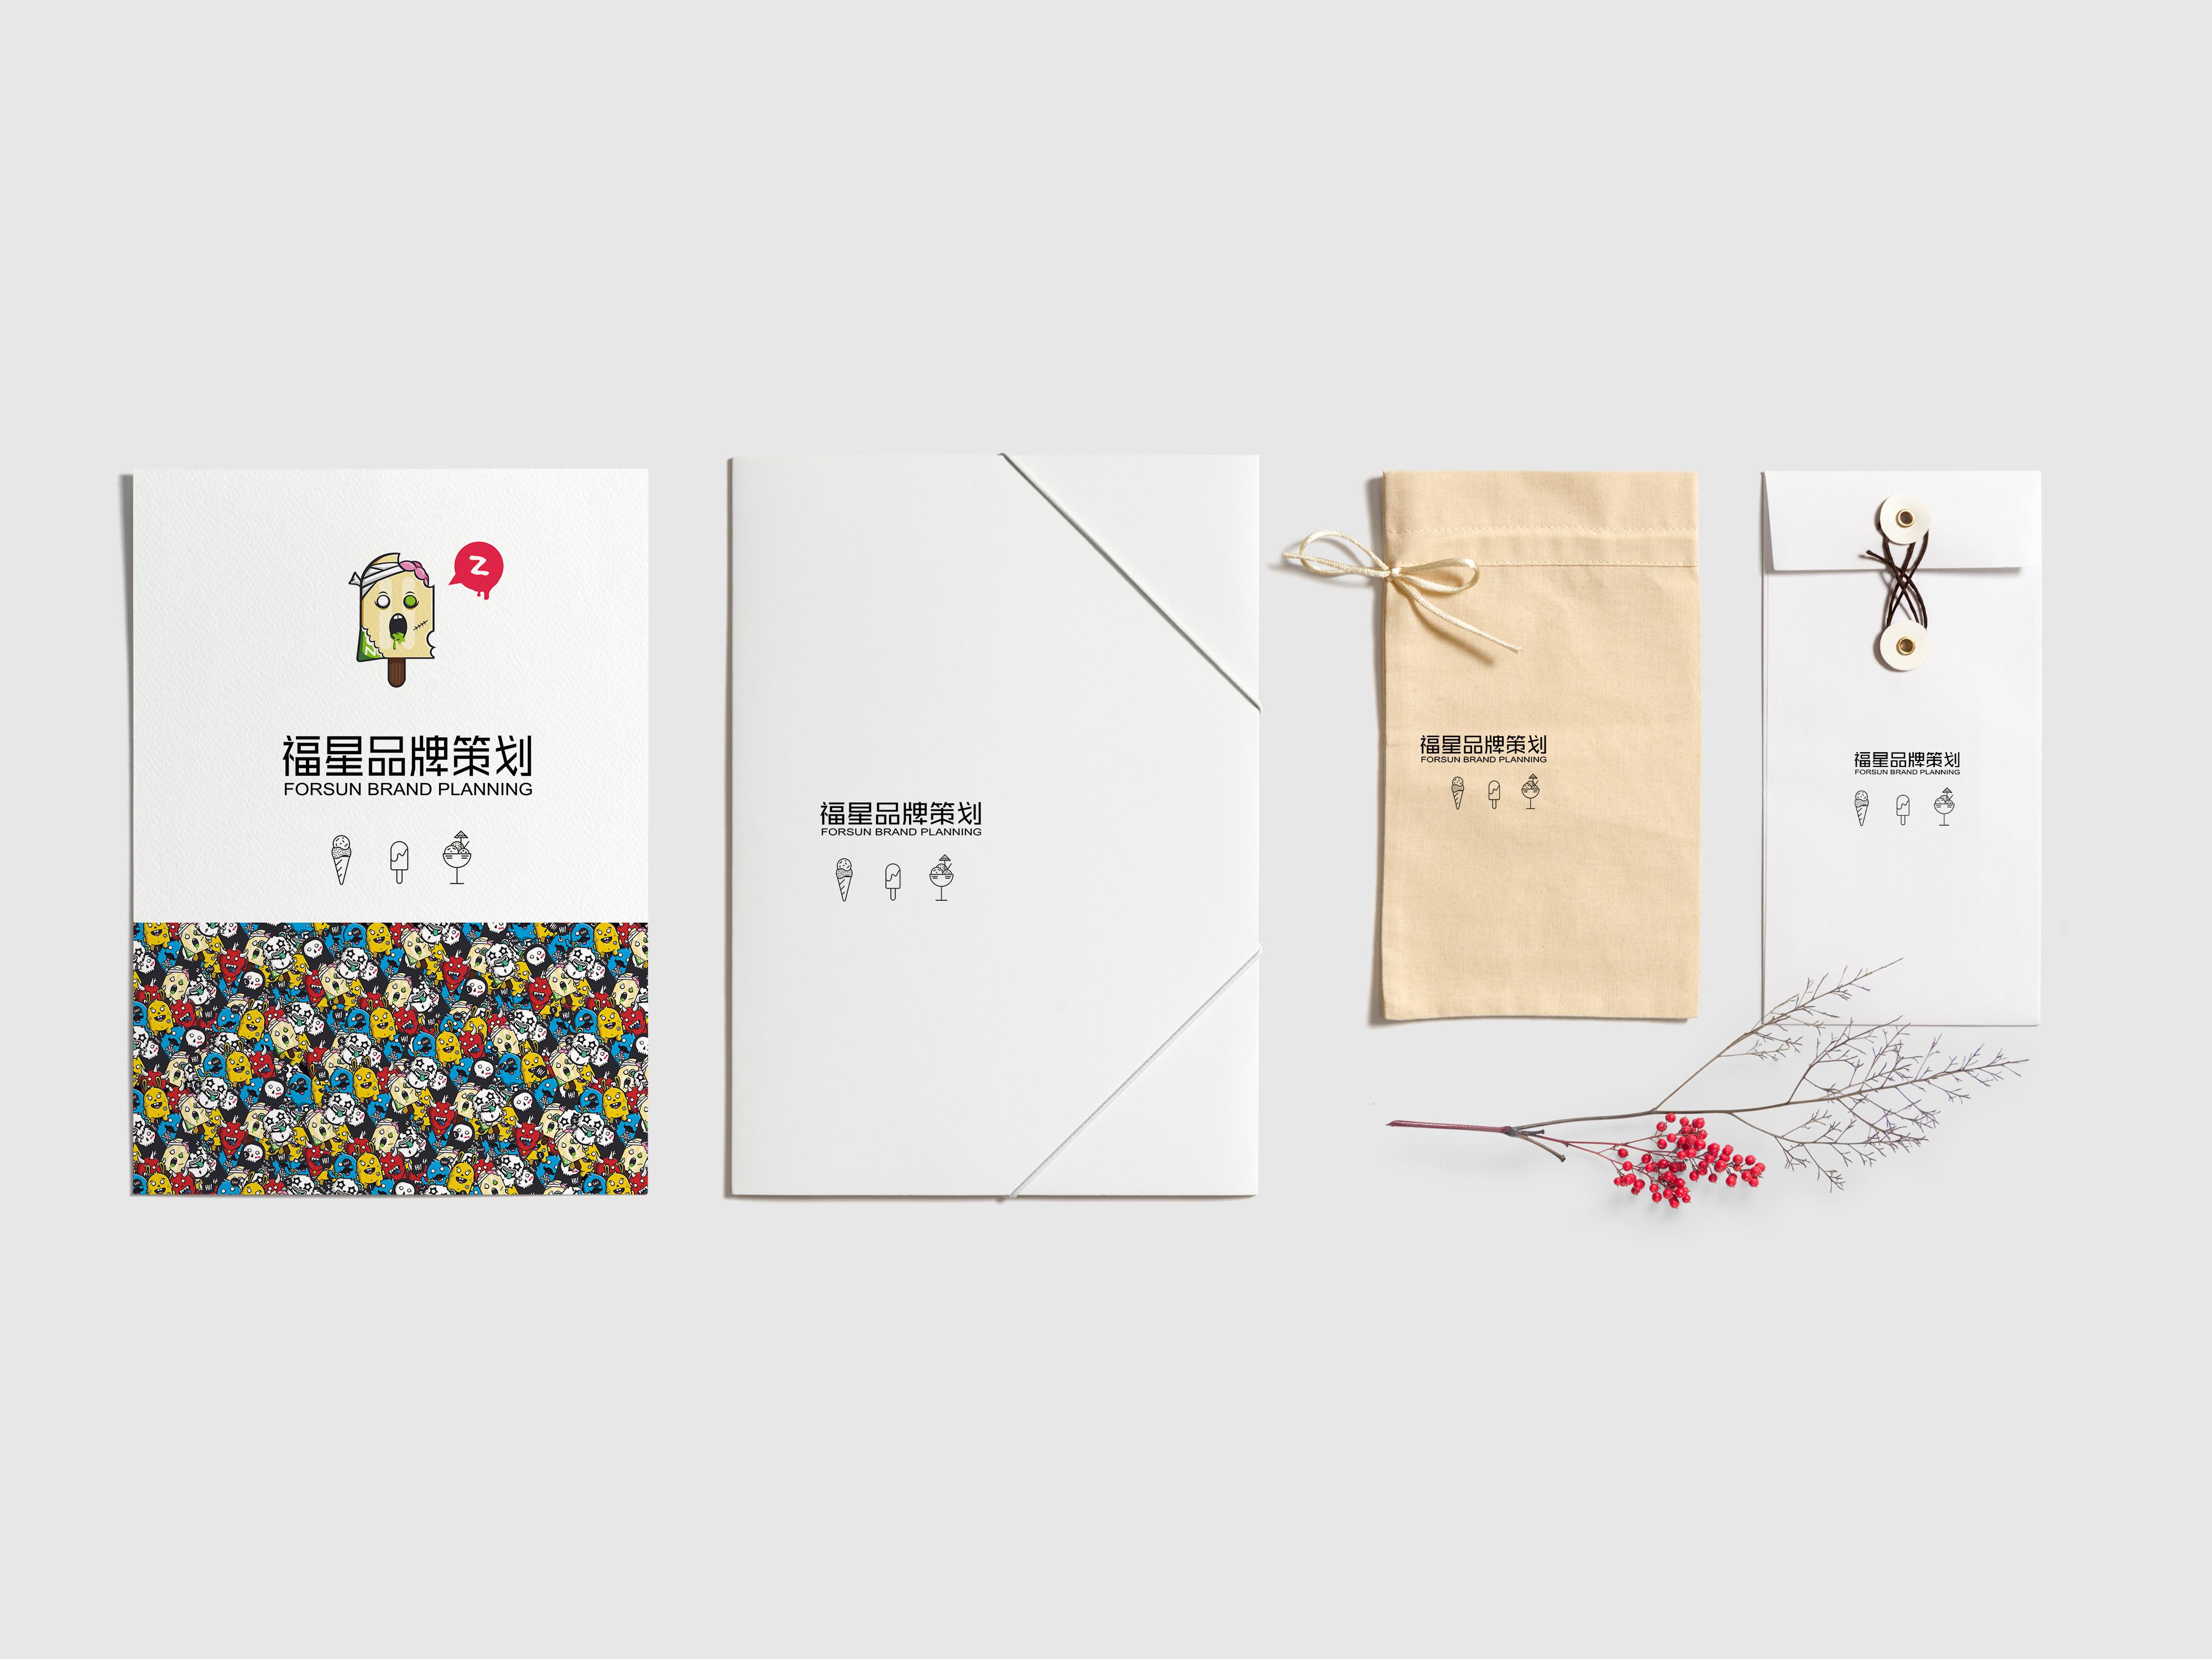 _起名取名品牌商标店铺公司建材APP保健品零食奶茶家具起名字34